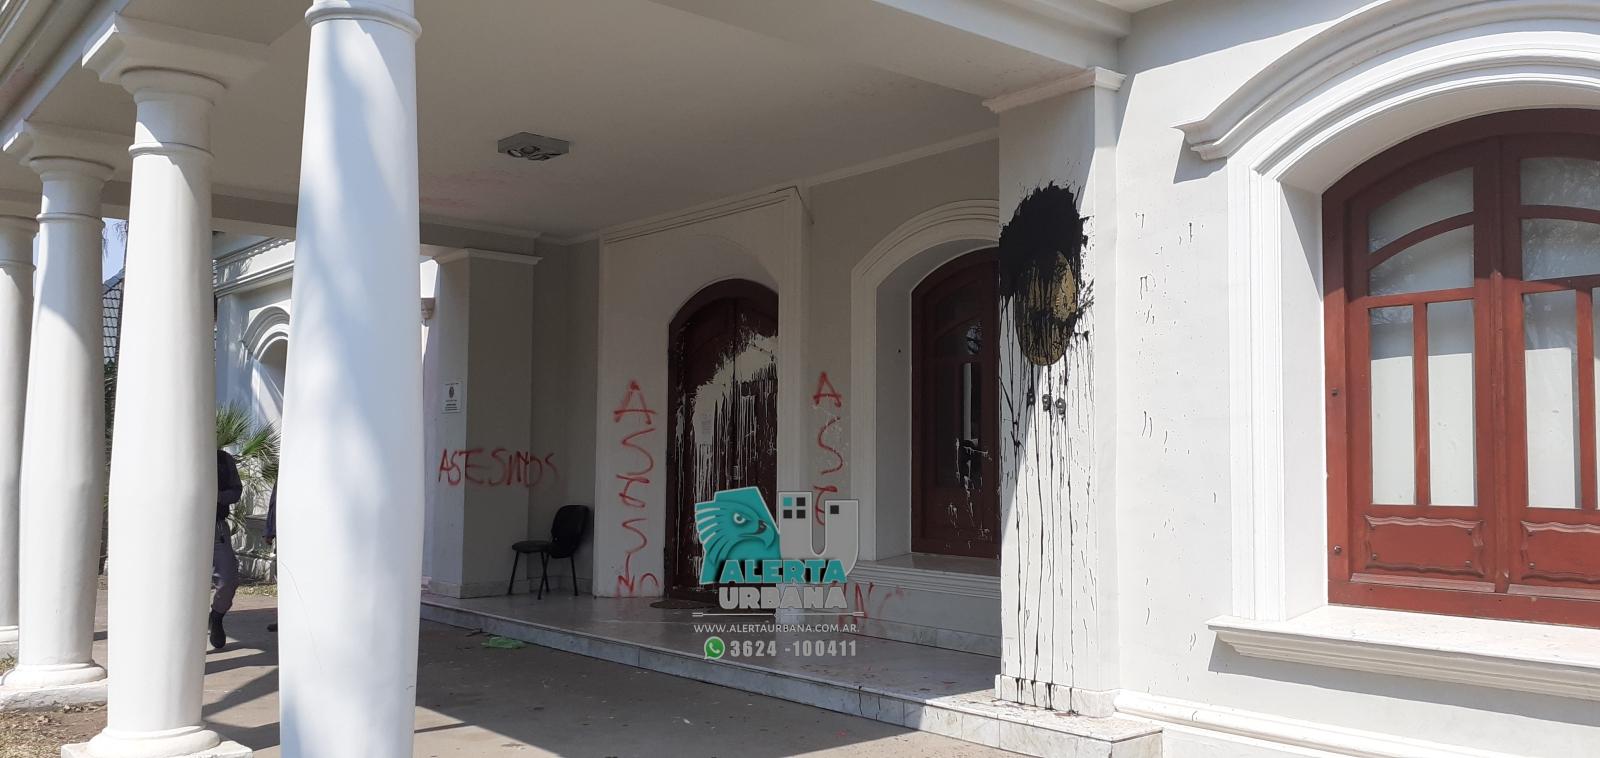 Legisladores Chaqueños repudiaron el ataque al Consulado de Paraguay.